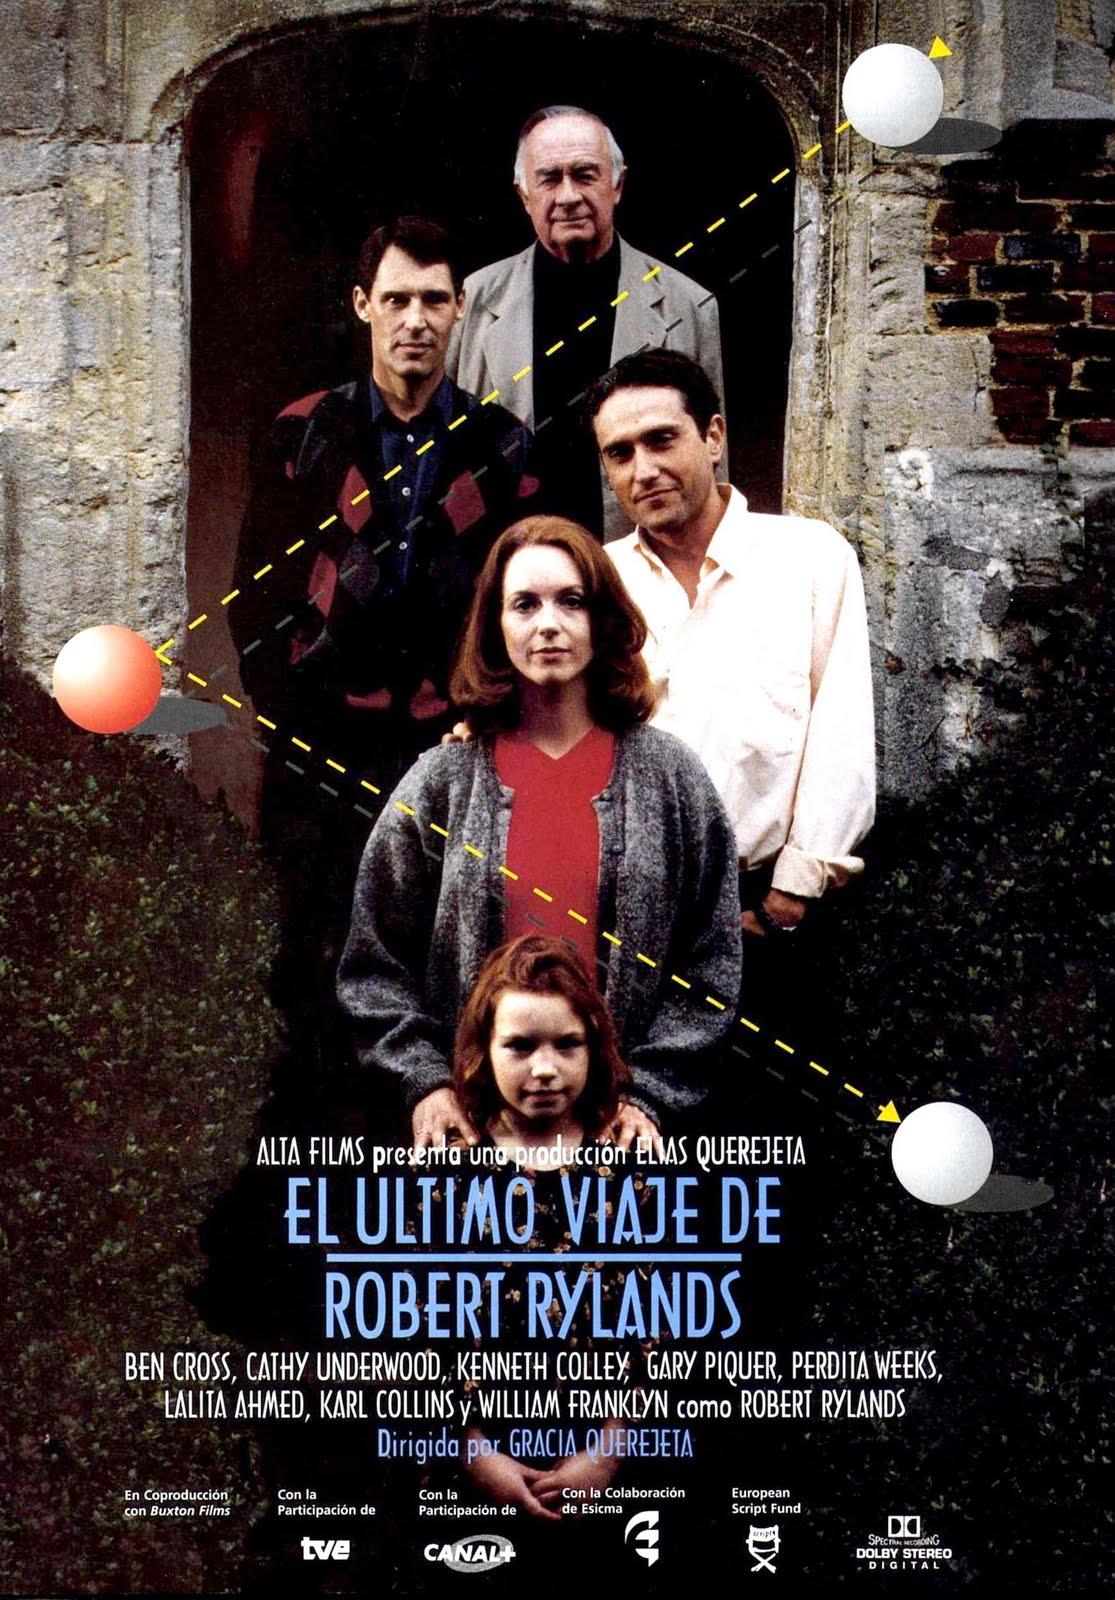 Cartel de la película El último viaje de Robert Rylands, adaptación libre de la novela de Javier Marías Todas las almas